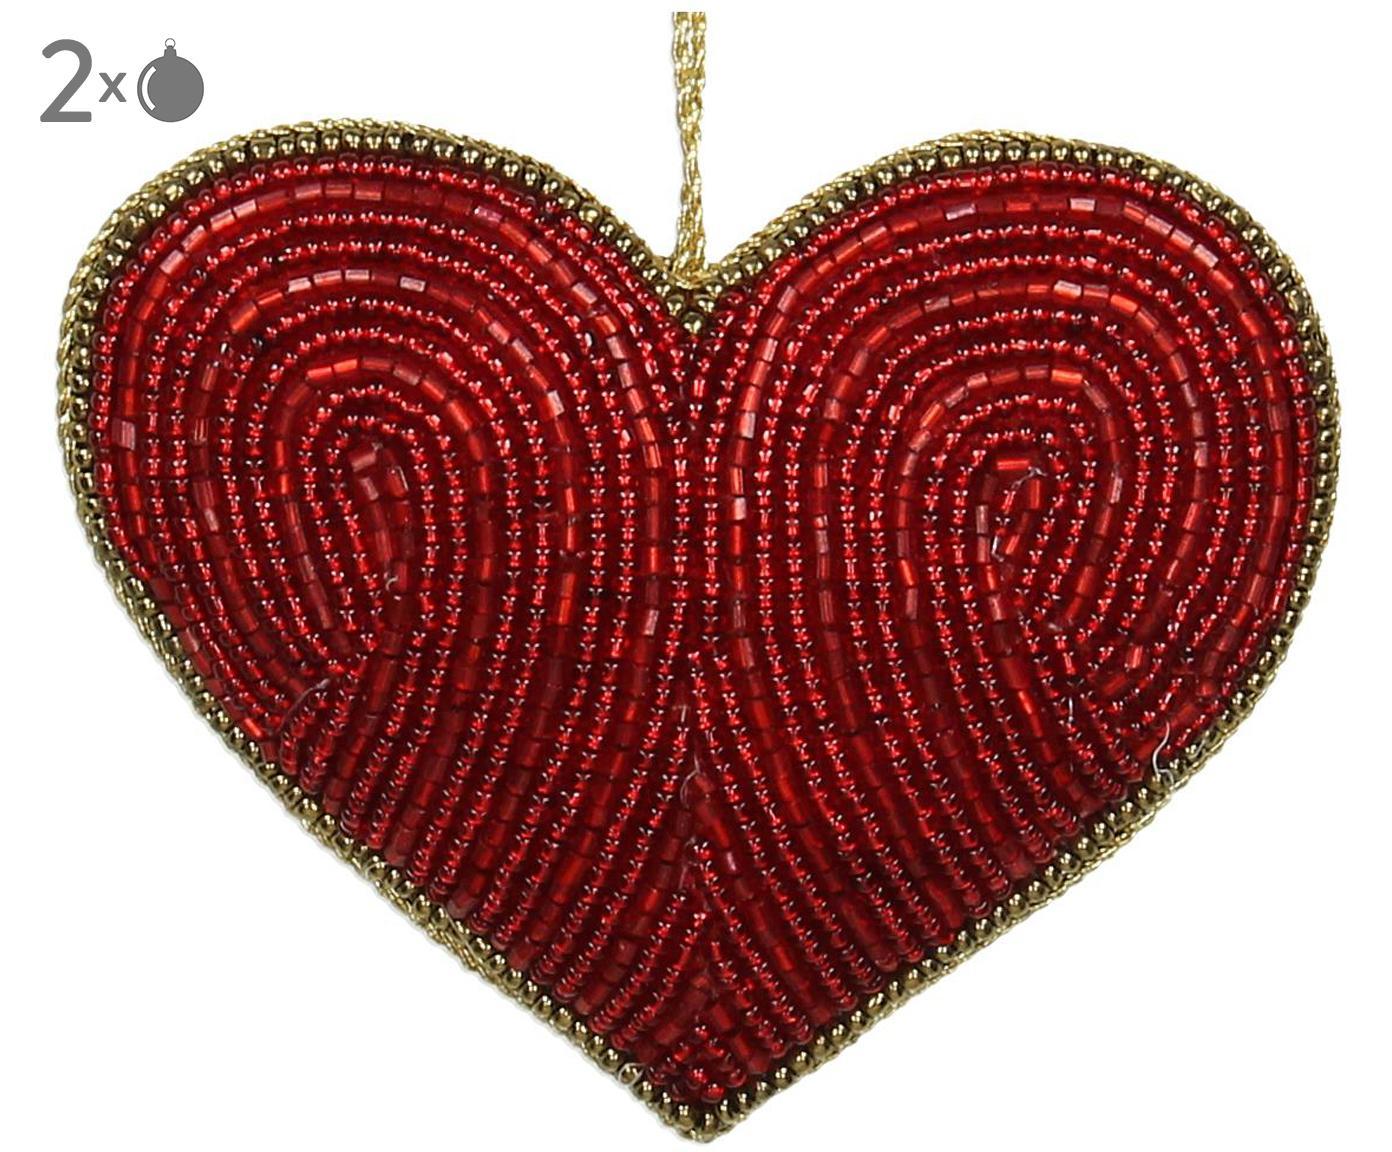 Baumanhänger Heart, 2 Stück, Rot, Goldfarben, 10 x 8 cm